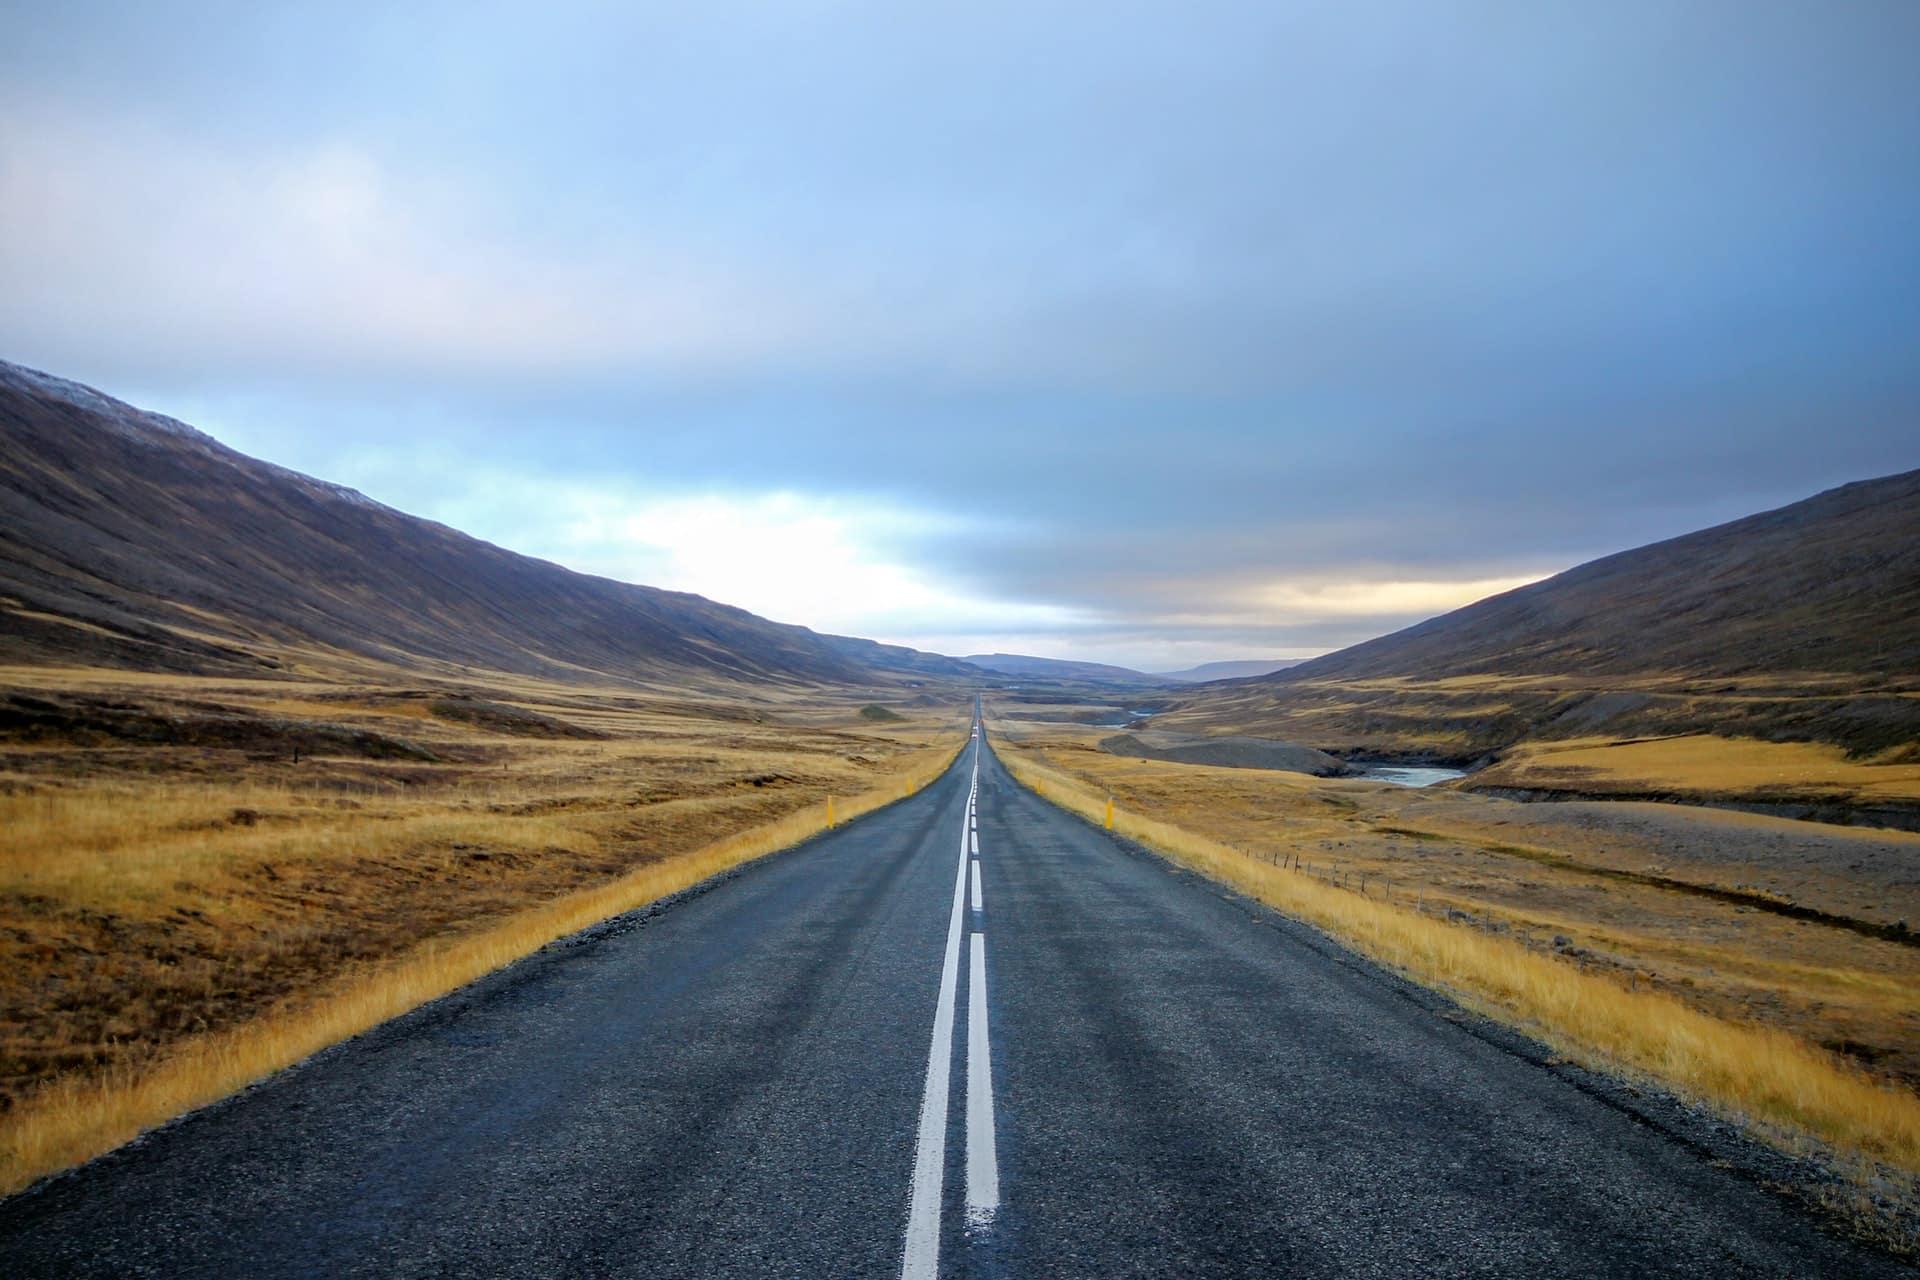 photographie d'une route en Islande